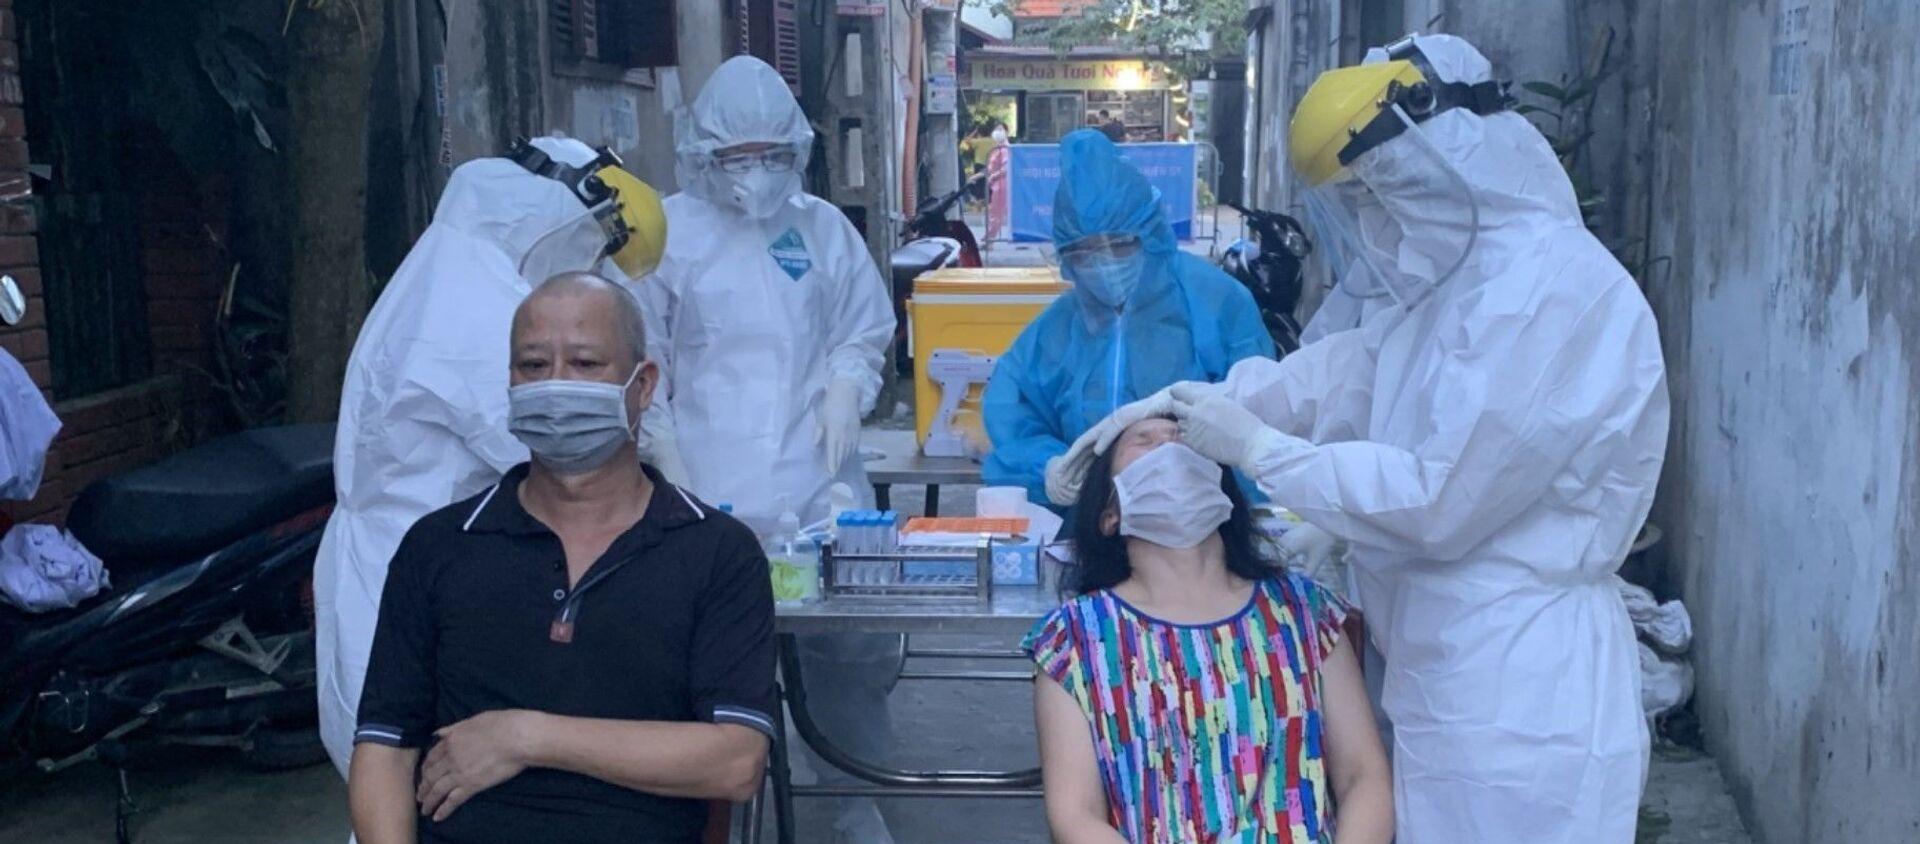 Lực lượng y tế lấy mẫu xét nghiệm những người liên quan đến các ca dương tính ở phường Việt Hưng (quận Long Biên, Hà Nội) - Sputnik Việt Nam, 1920, 22.09.2021